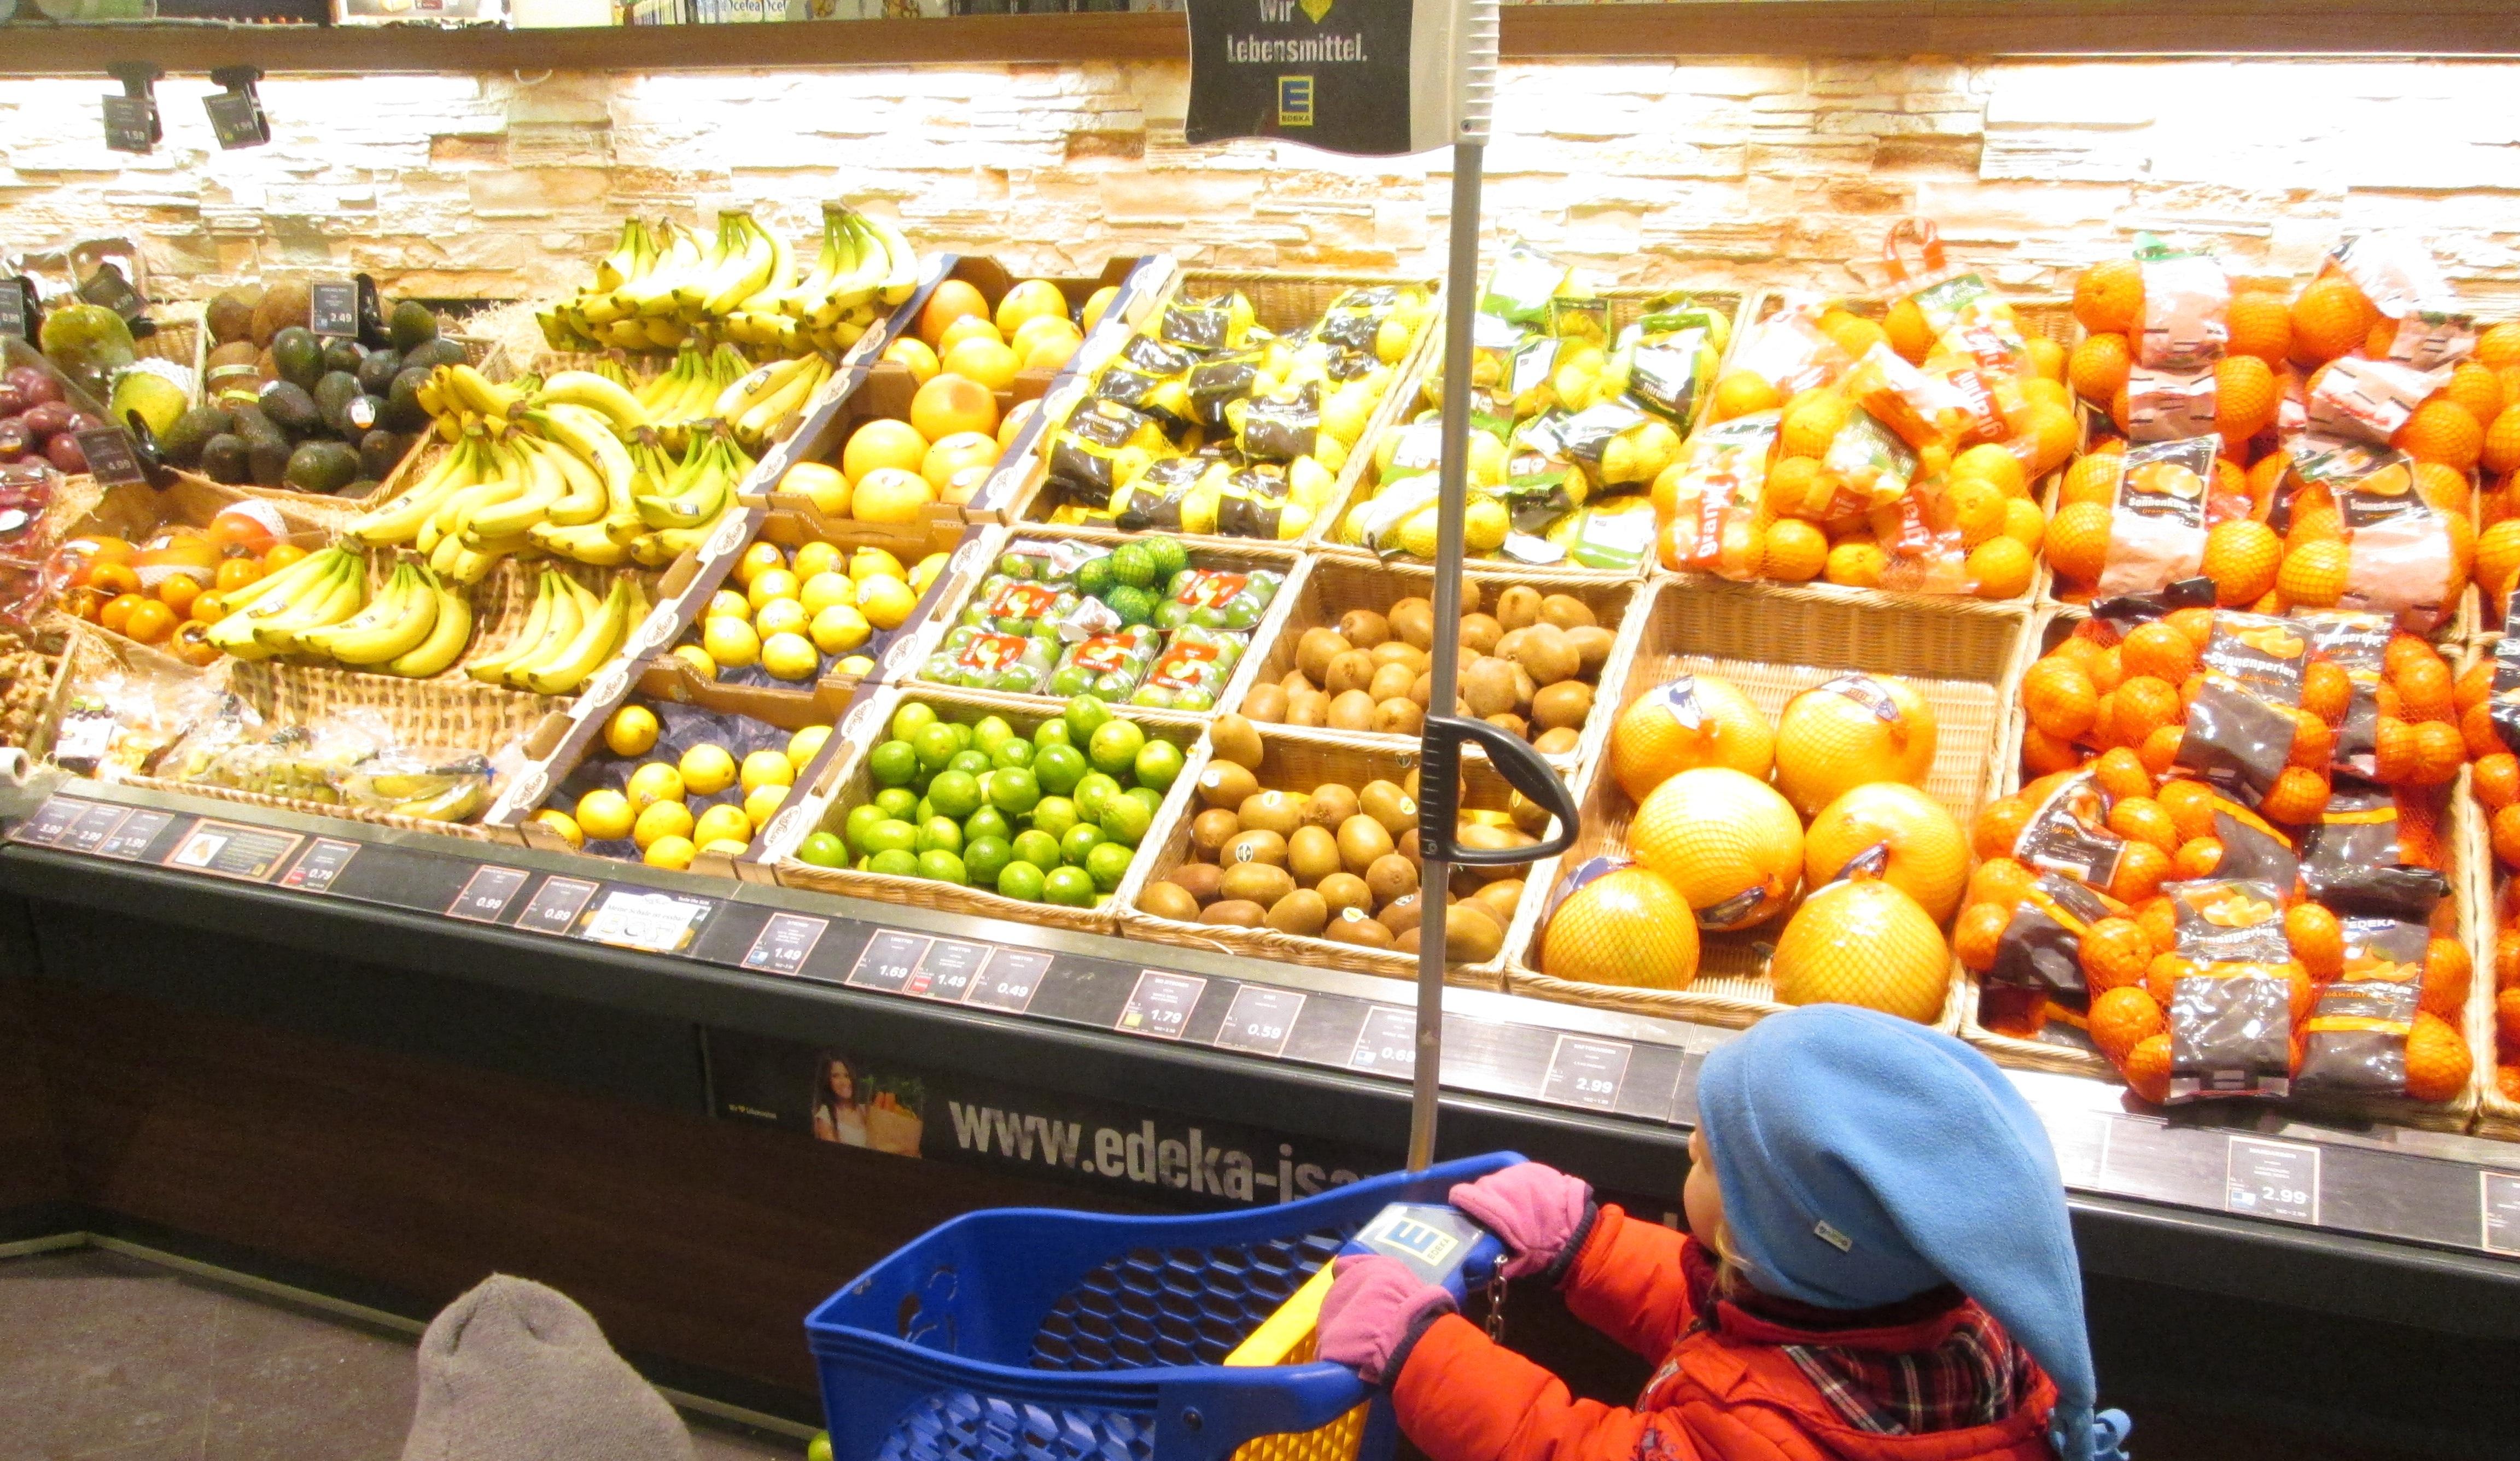 Obsteinkauf im Supermarkt für die Gesundheitswoche im Minihaus München